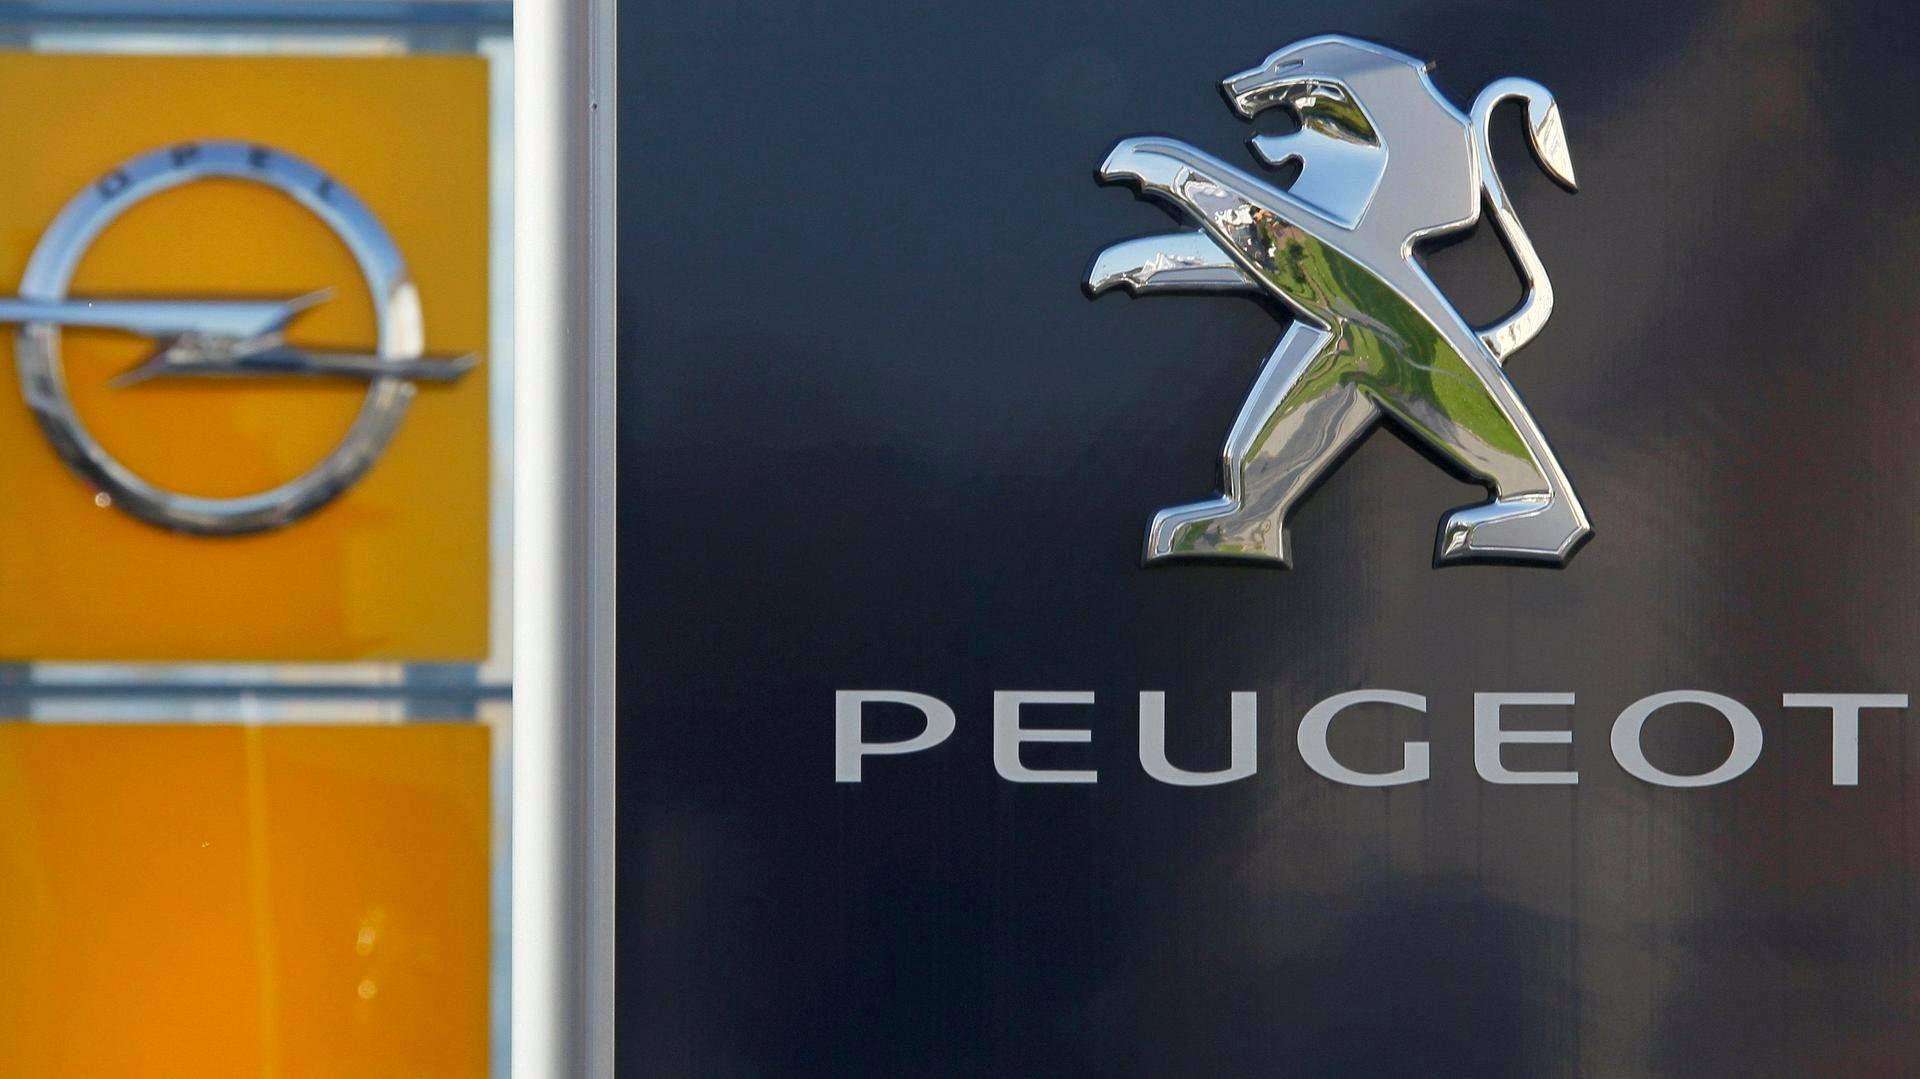 Autoalalla valmistellaan jättikauppaa: Ranskalaisvalmistaja PSA harkitsee Opelin ostamista - Auto - Helsingin Sanomat